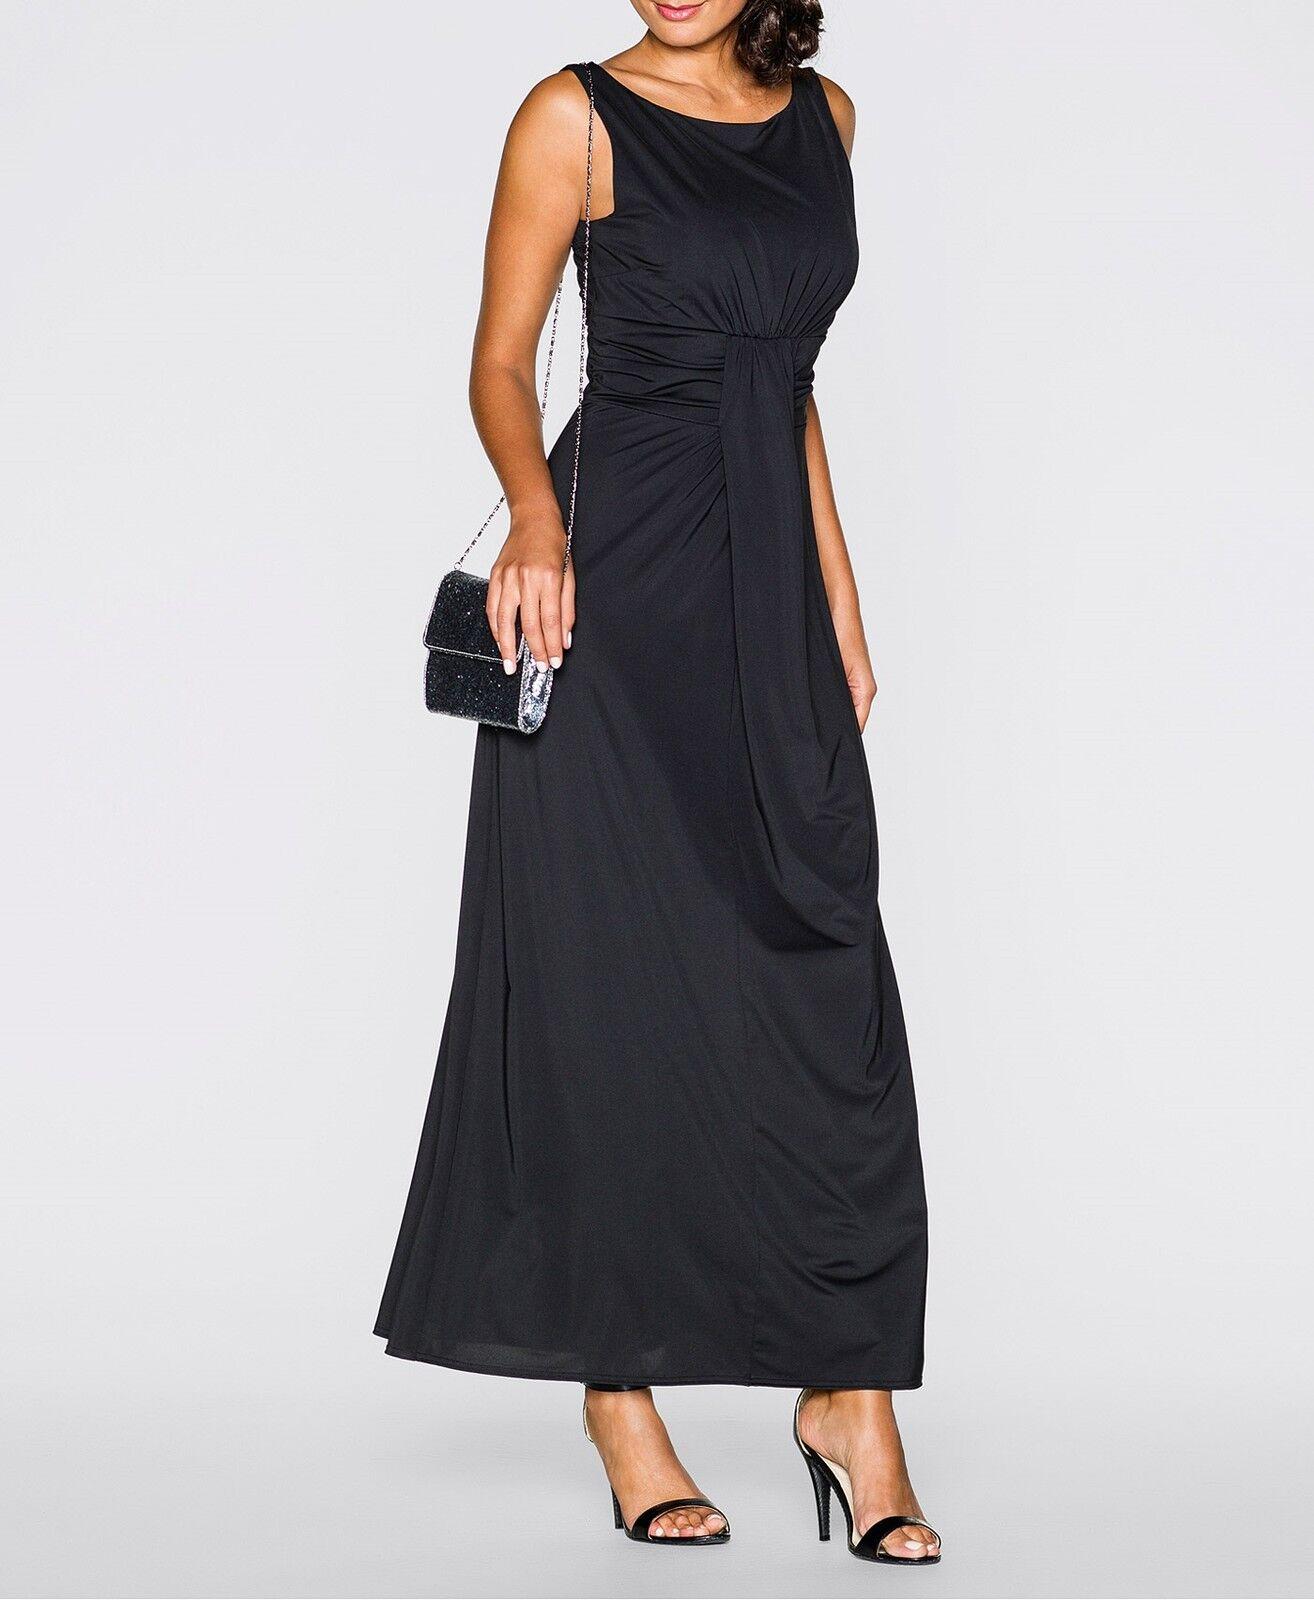 Wunderschönes Kleid Kleid Kleid mit Raffung in Beere - Gr. 40   42 - Q4229 - 926951 | Spielen Sie Leidenschaft, spielen Sie die Ernte, spielen Sie die Welt  42596e